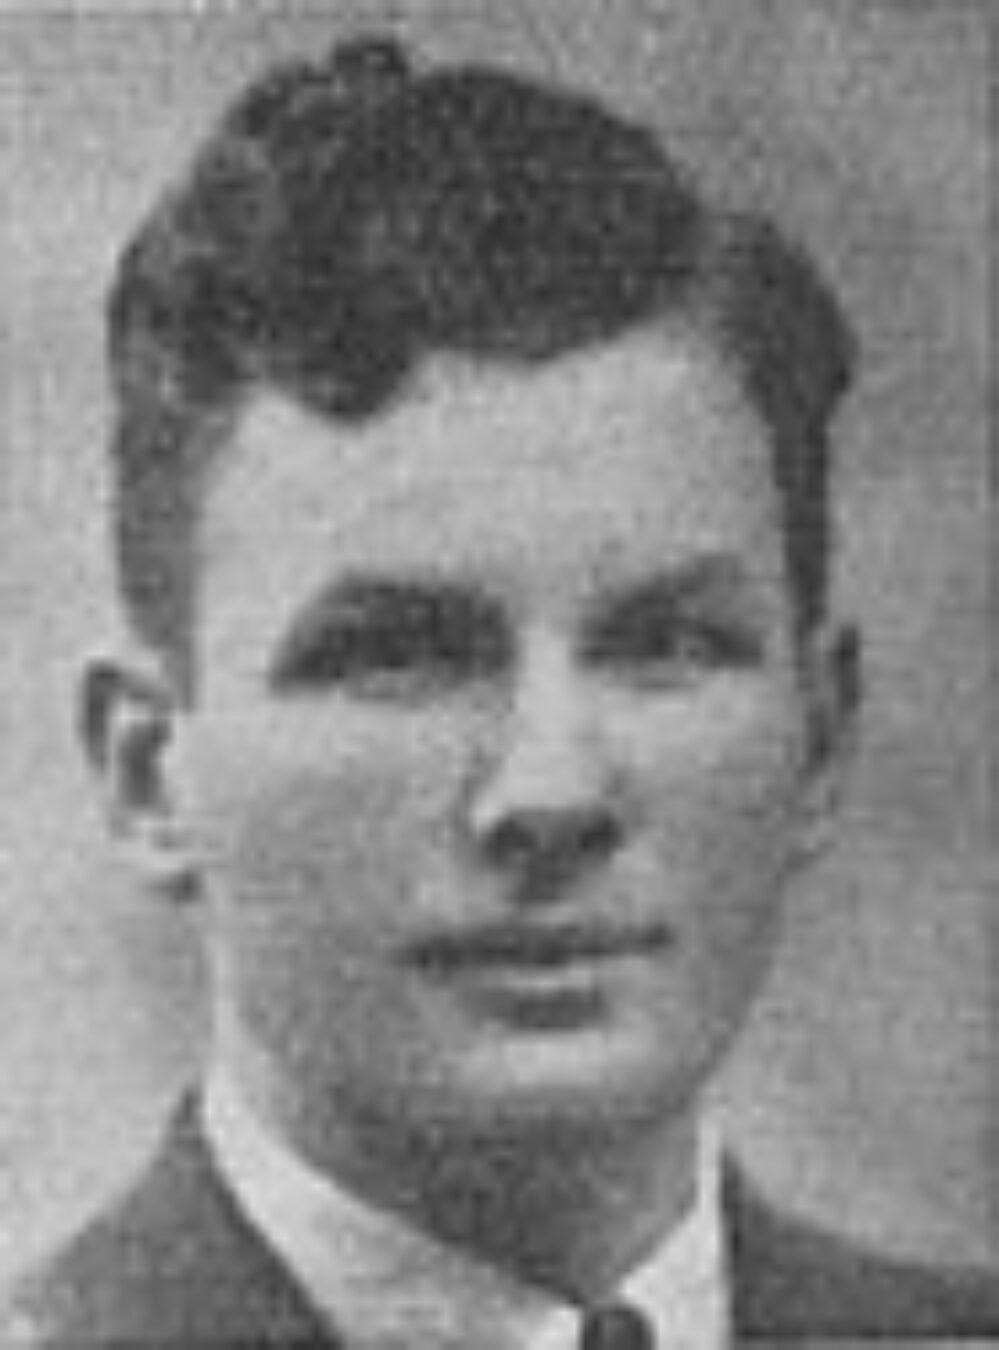 Ole Johan Røh Petersen